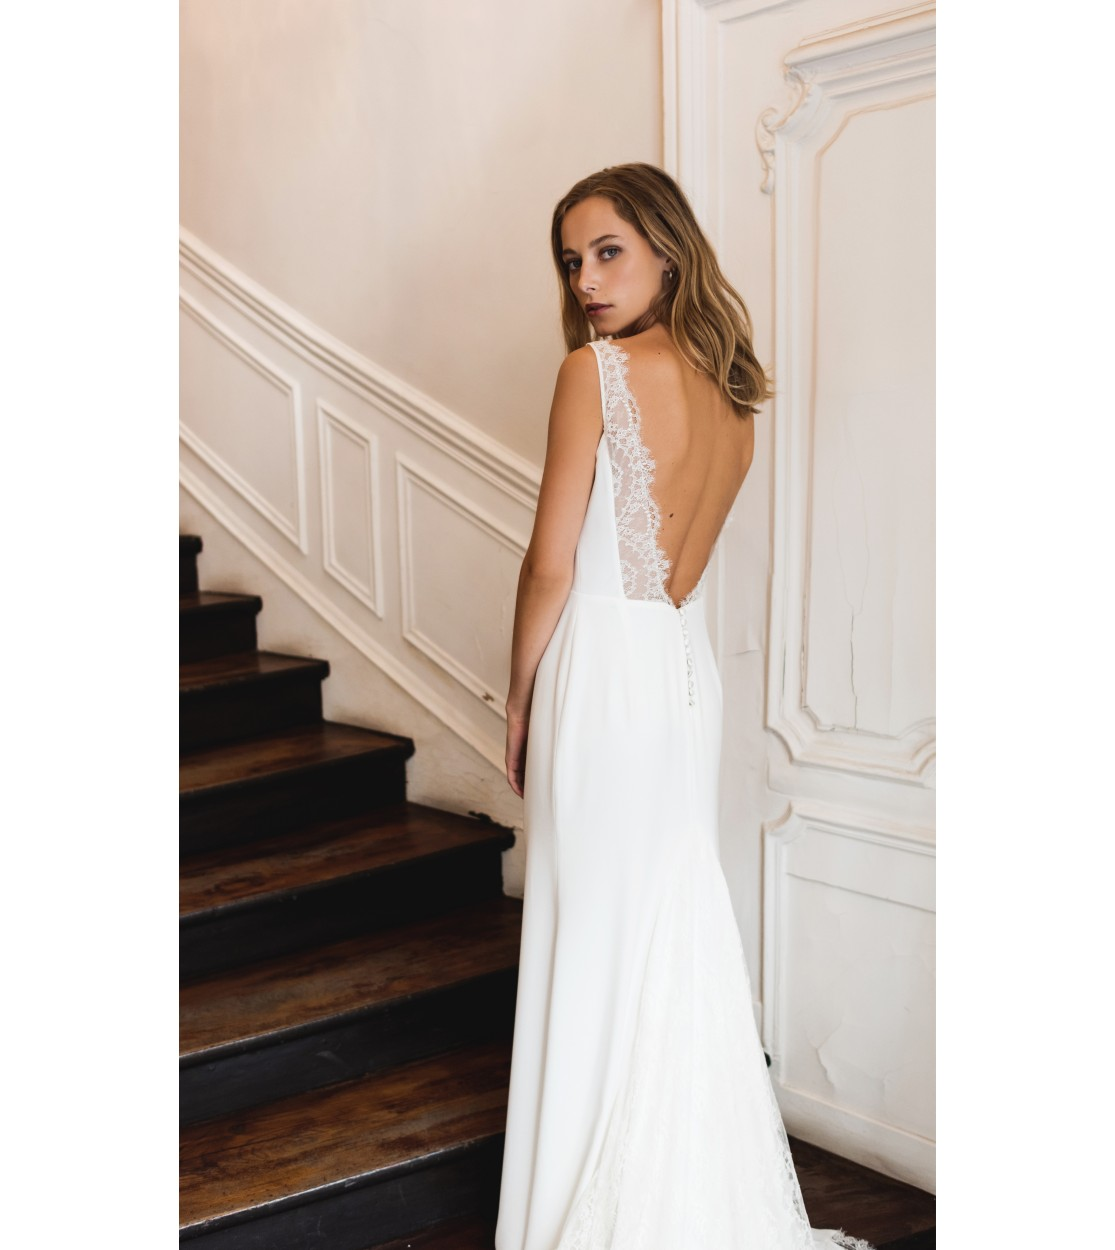 Robe de mariée Blanche - Harpe Paris